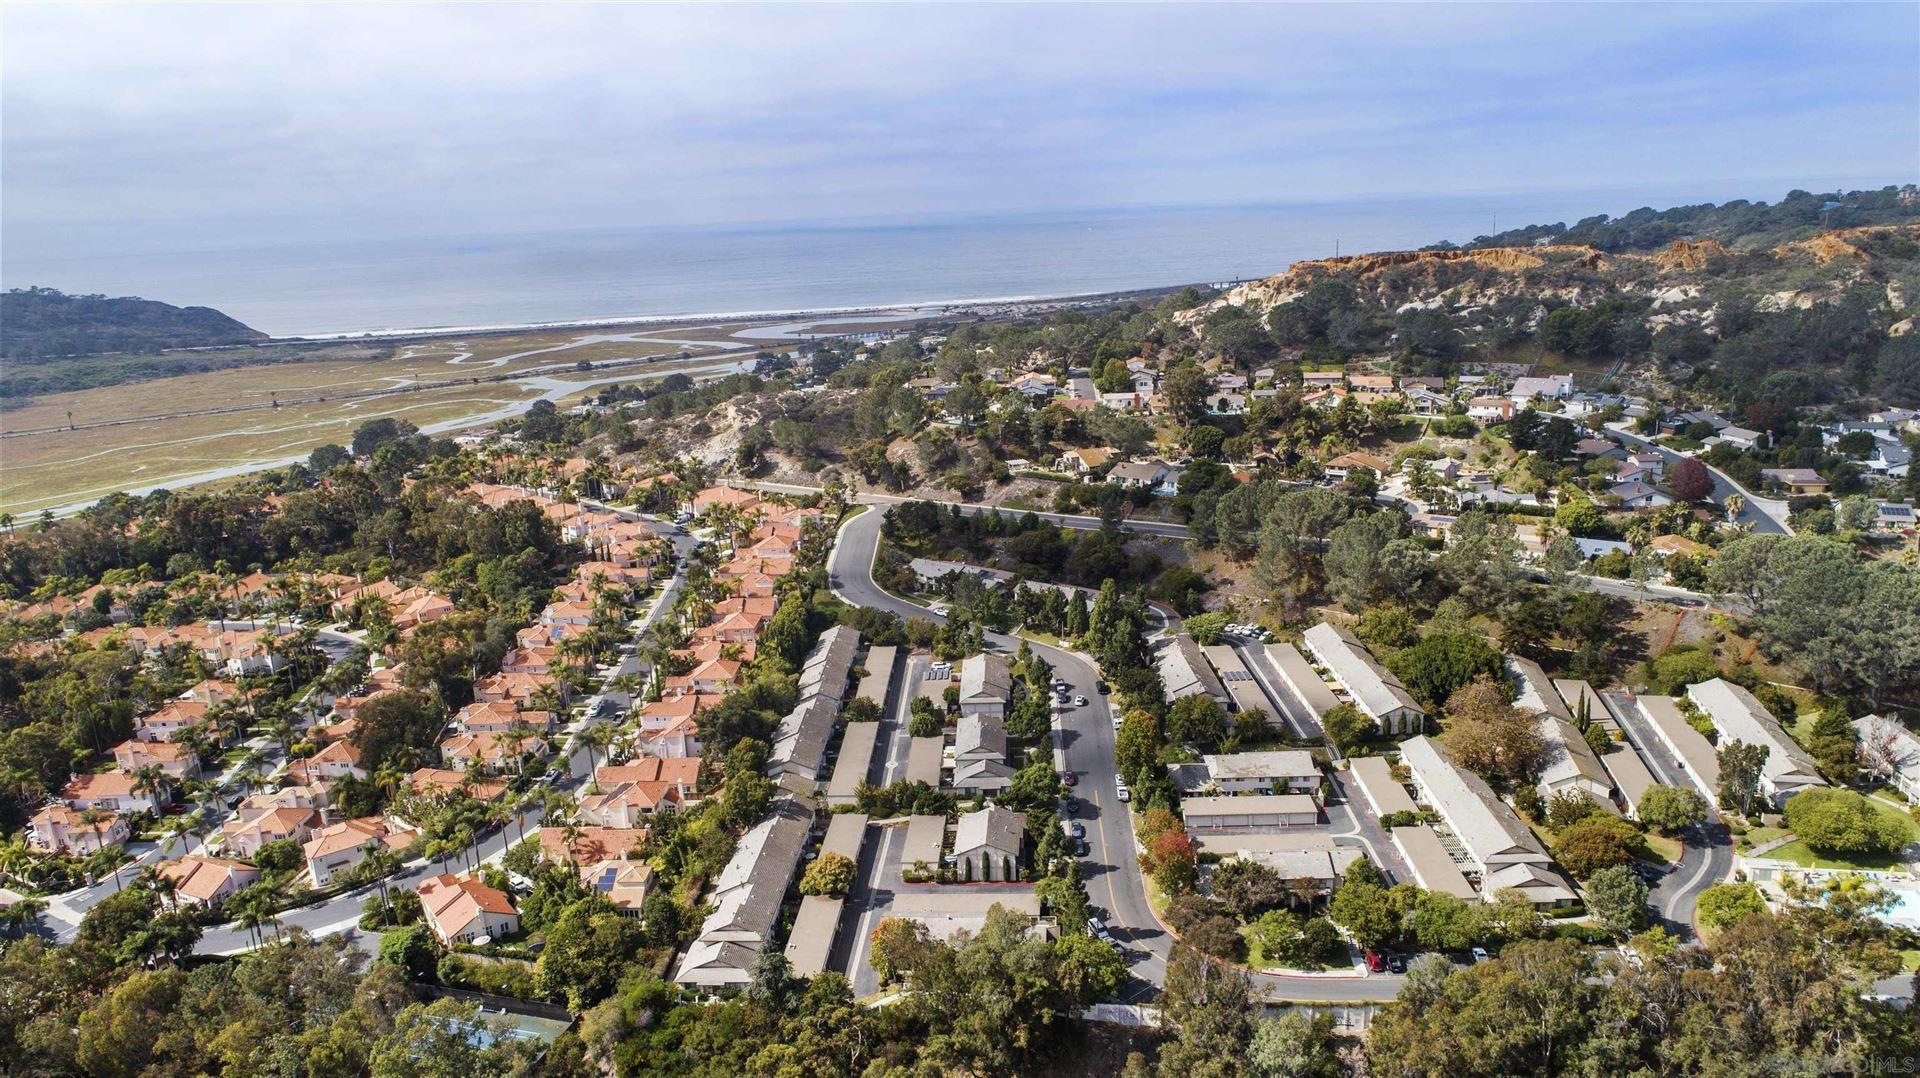 Photo of 12921 Caminito Bodega, Del Mar, CA 92014 (MLS # 210029626)